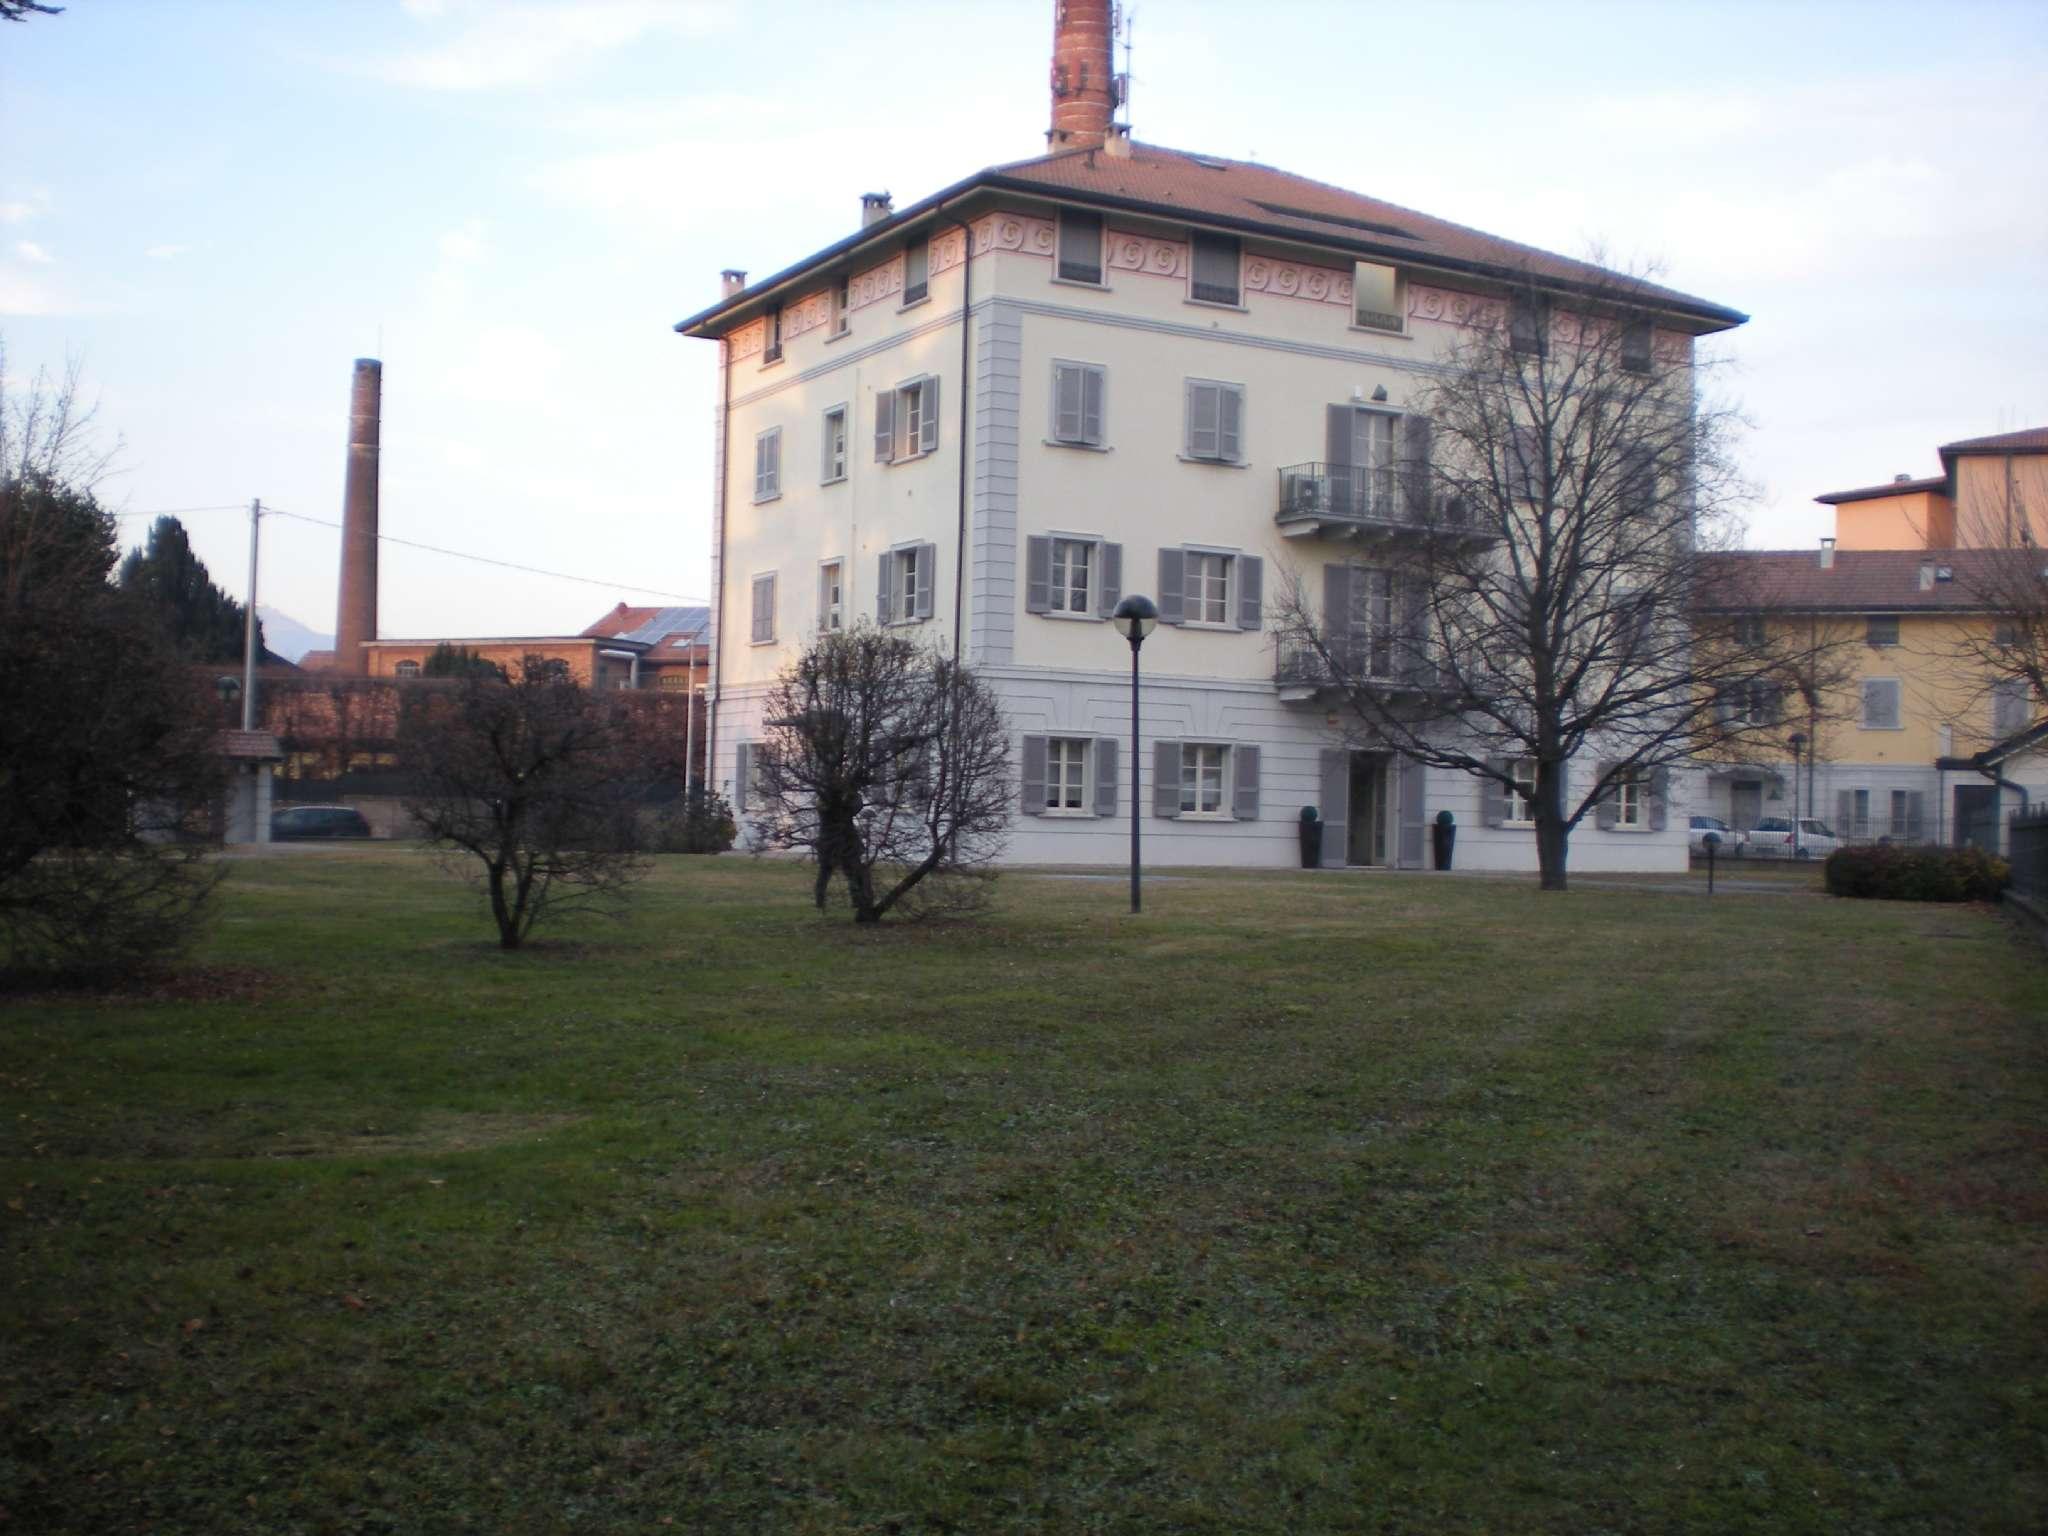 Brianza Cernusco Lombardone Residenza Villa Alba